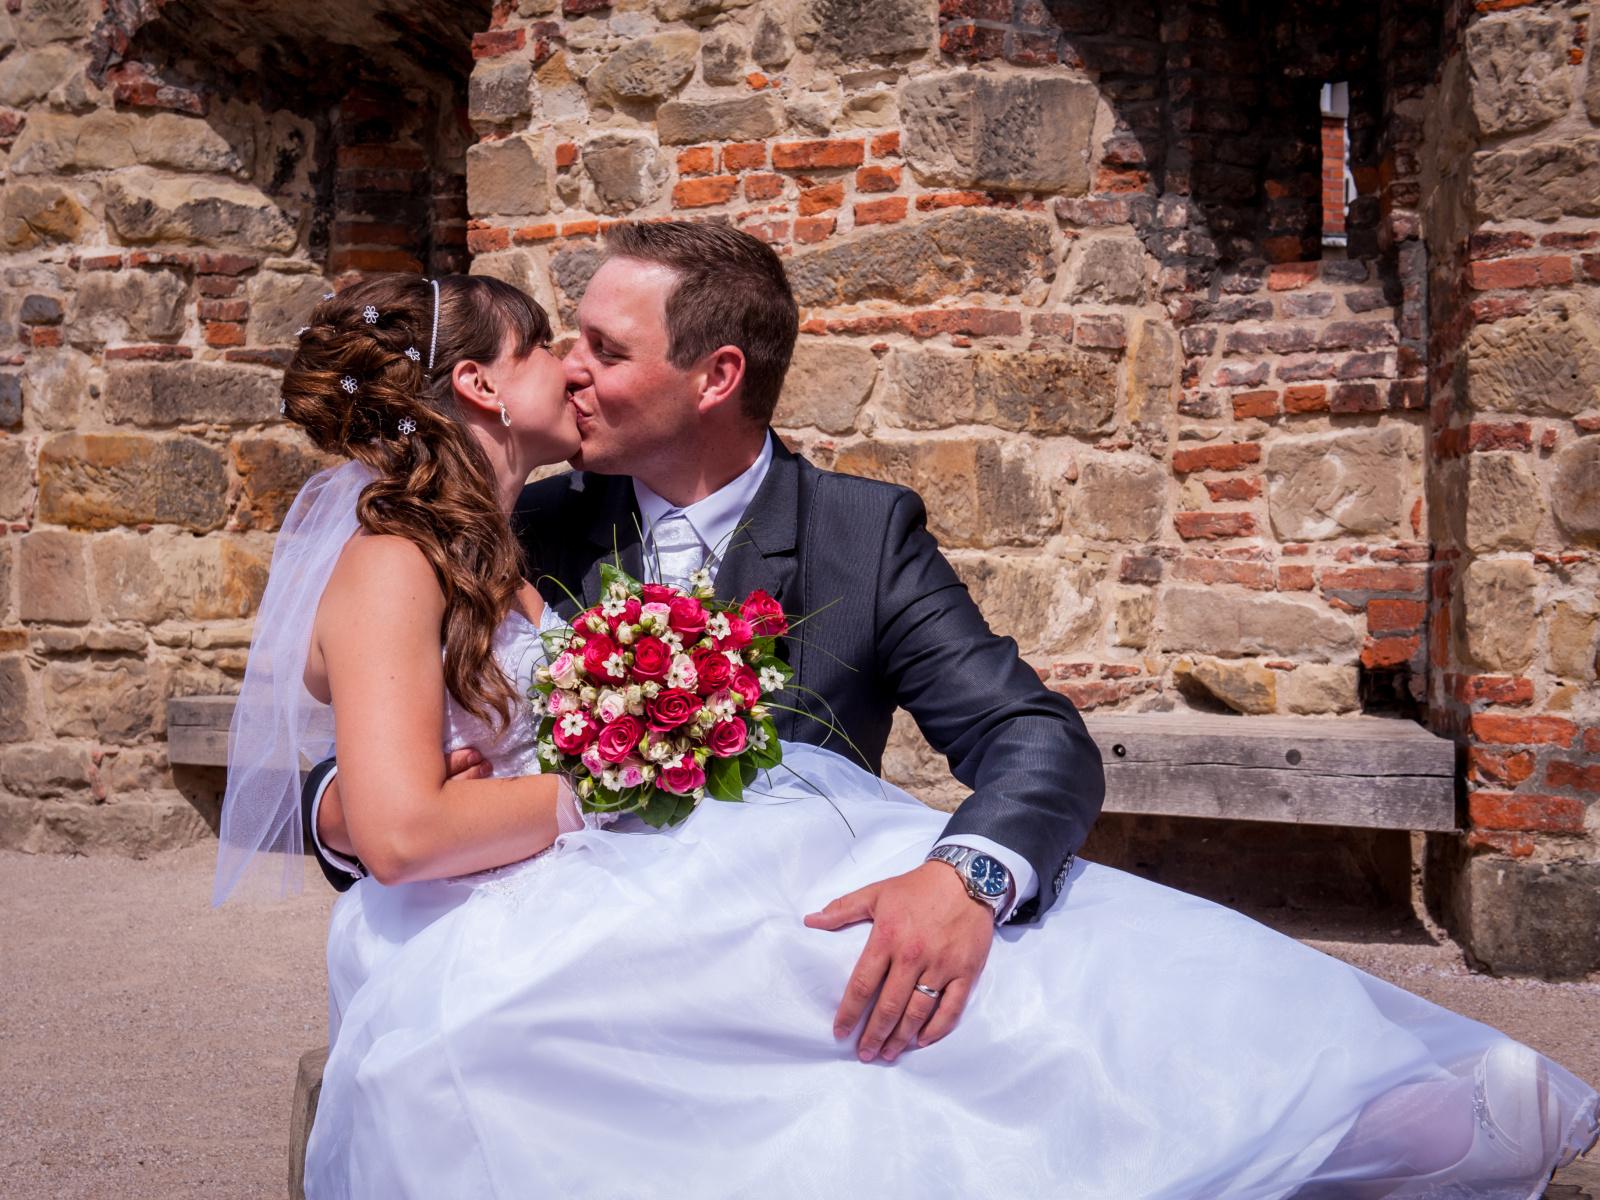 S jakým předstihem zajistit fotografa na svatbu?